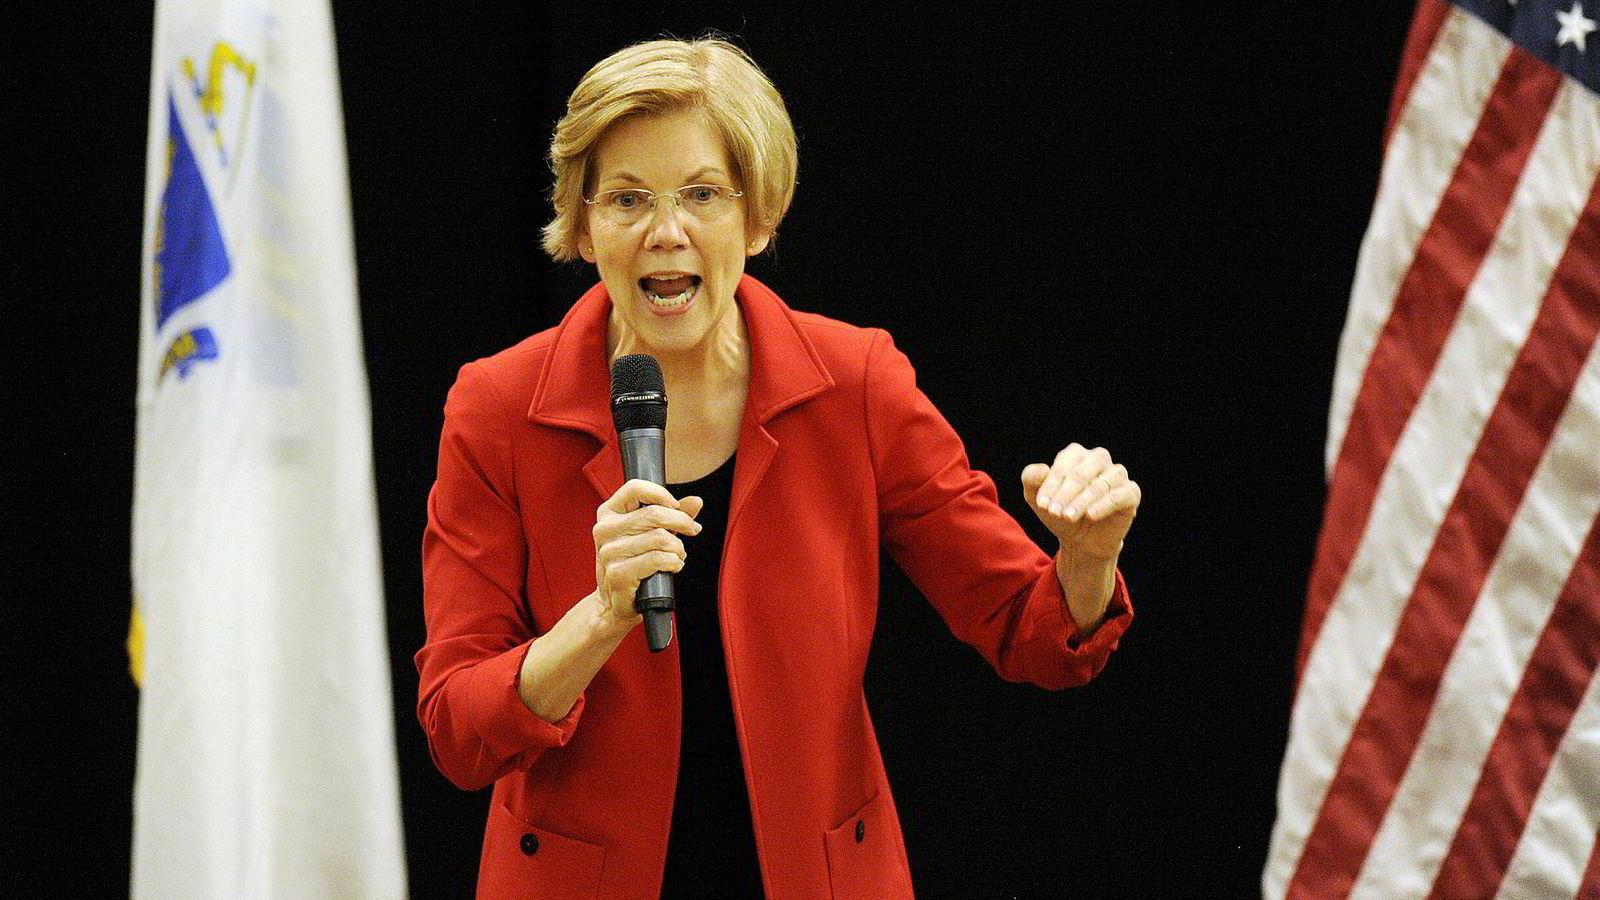 Senator Elizabeth Warren er blitt kalt «Pocahontas» av Trump, og blitt anklaget for å lyve om urfolkgener.